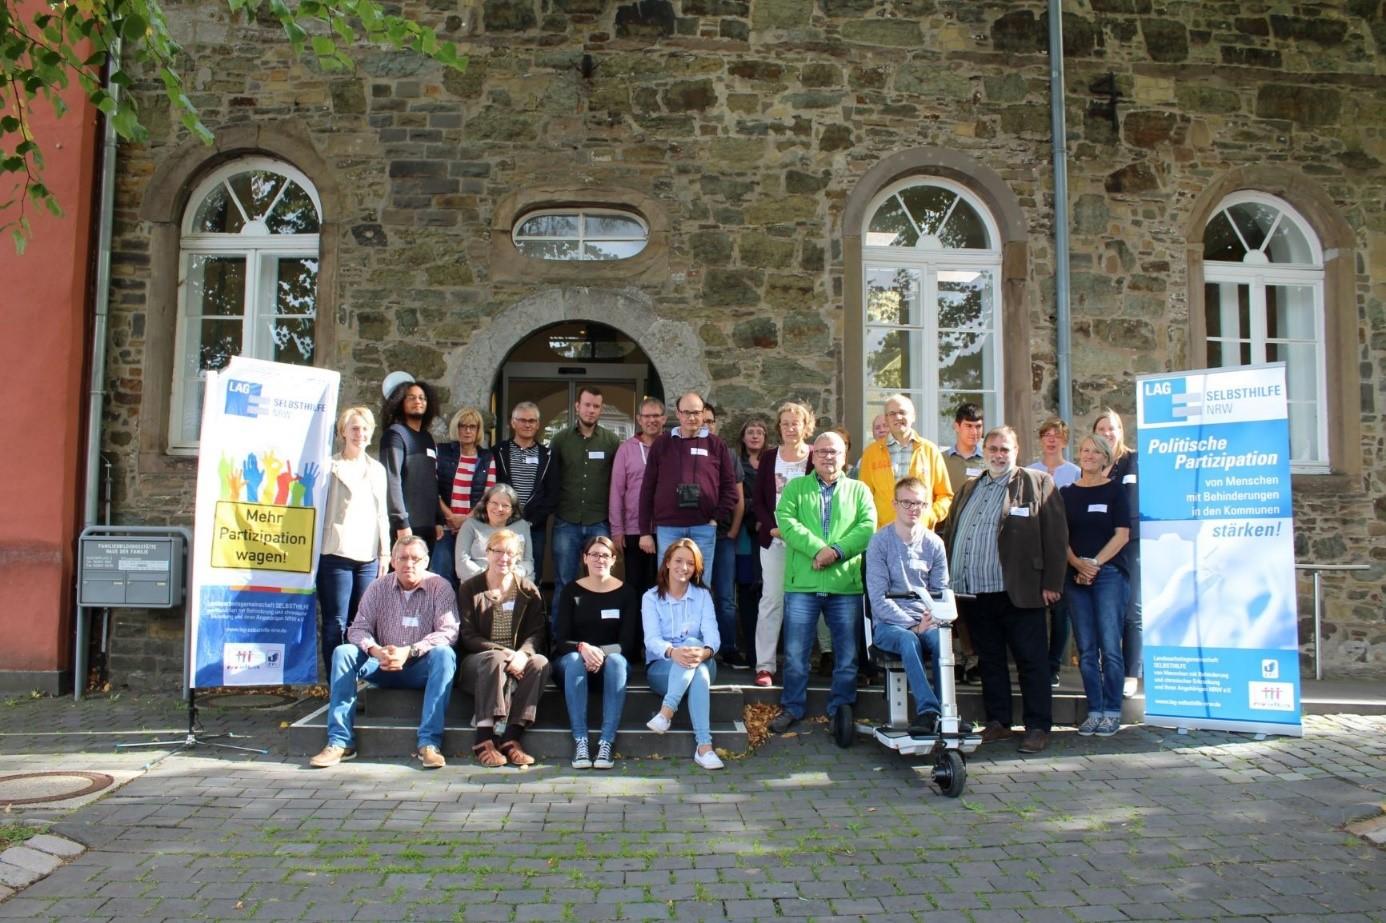 Teilnehmer*innen des Workshops in Wipperfürth